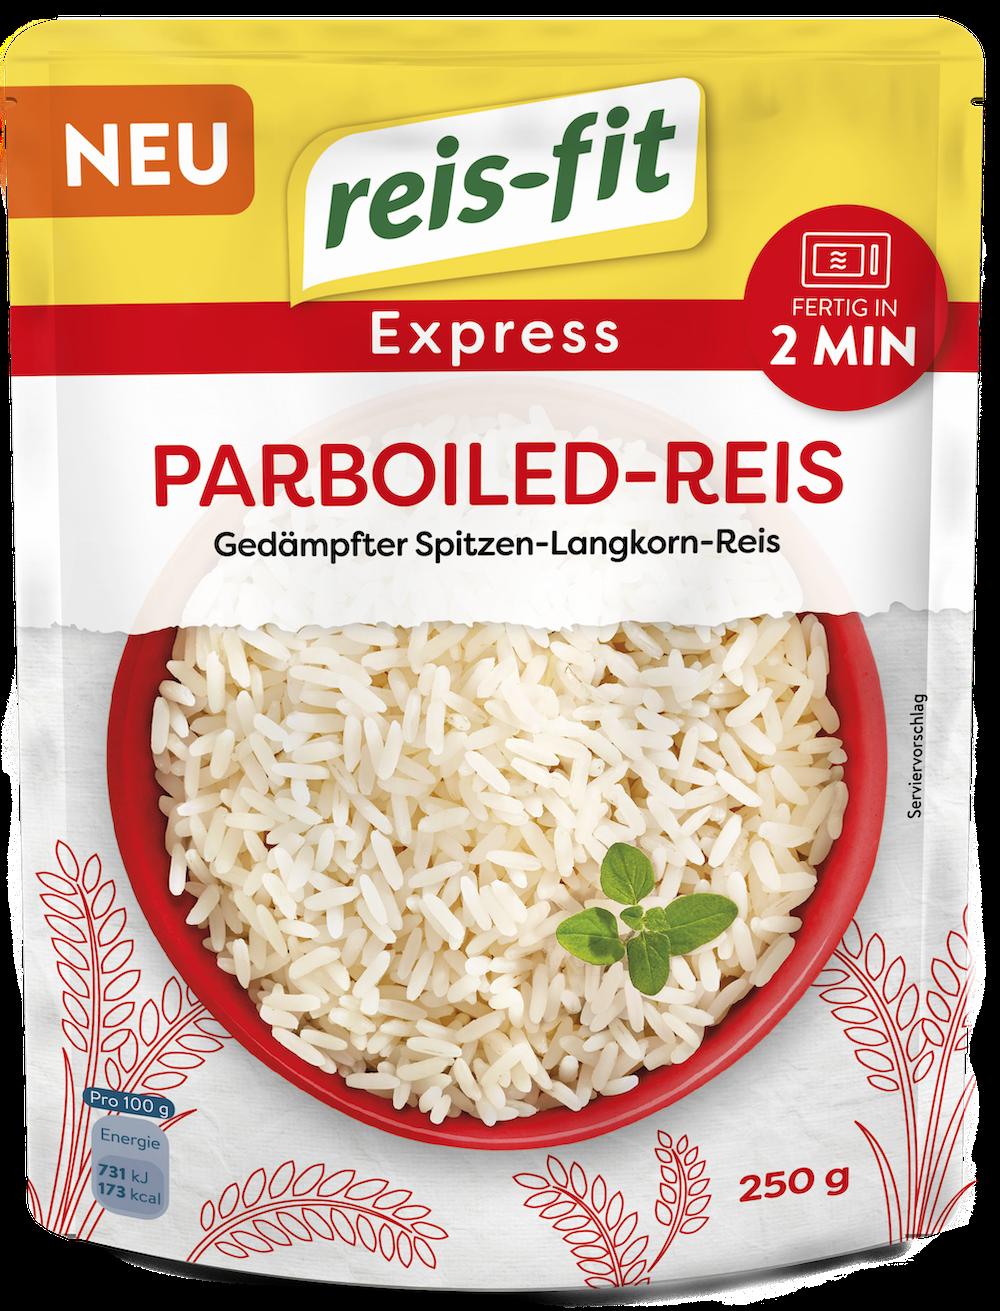 reis-fit Express Parboiled-Reis 6x 250g